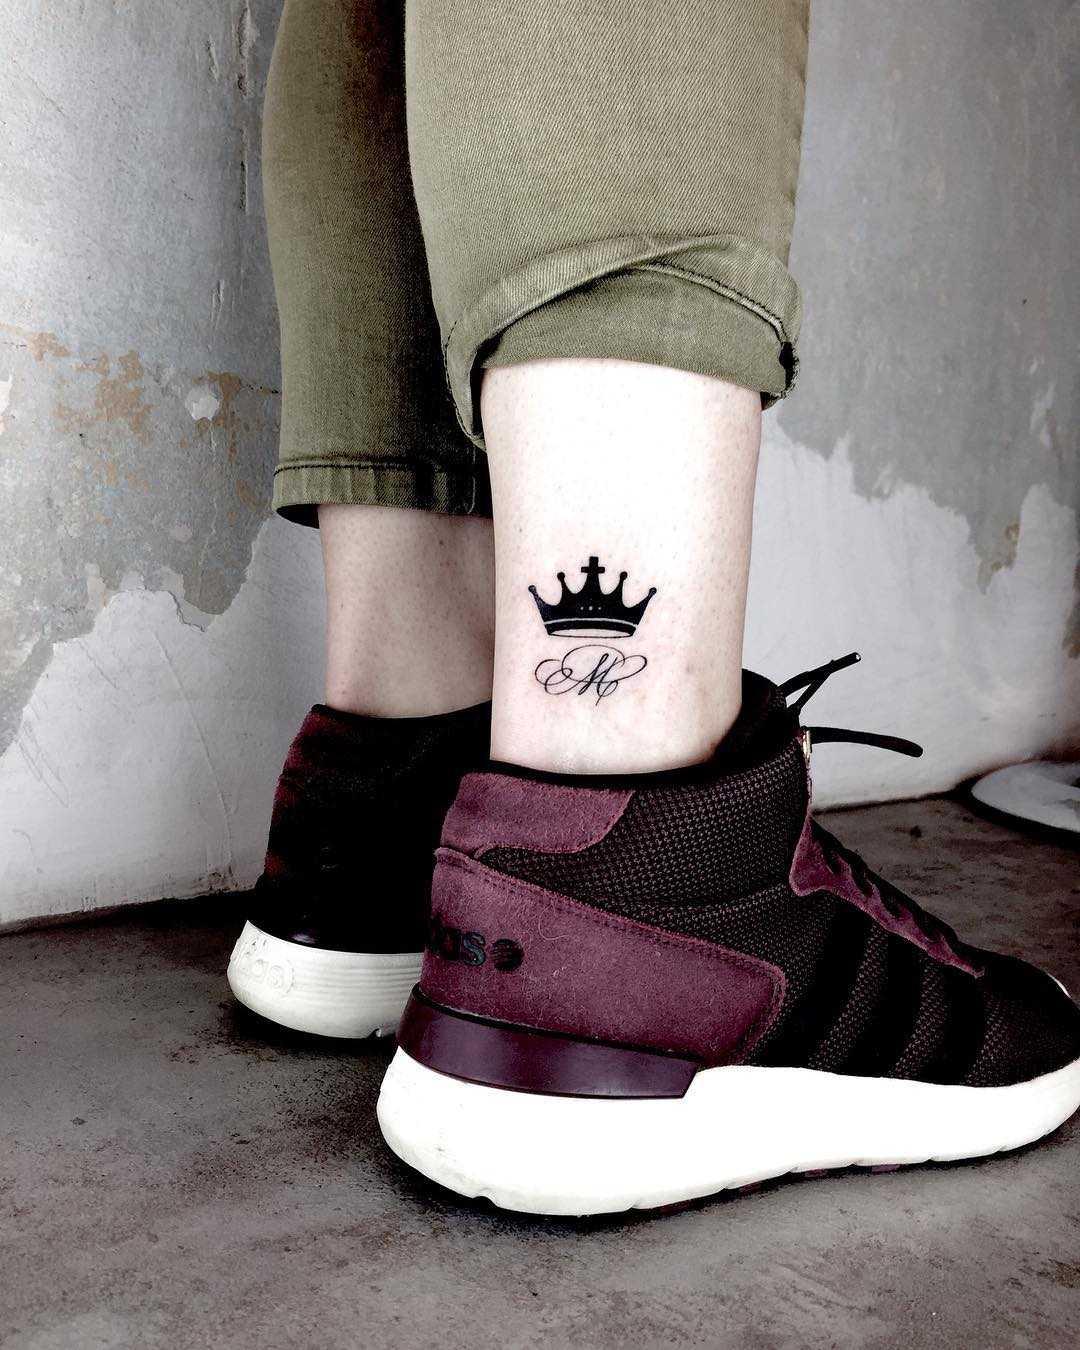 Small crown tattoo done by Nerdy Match Loredana